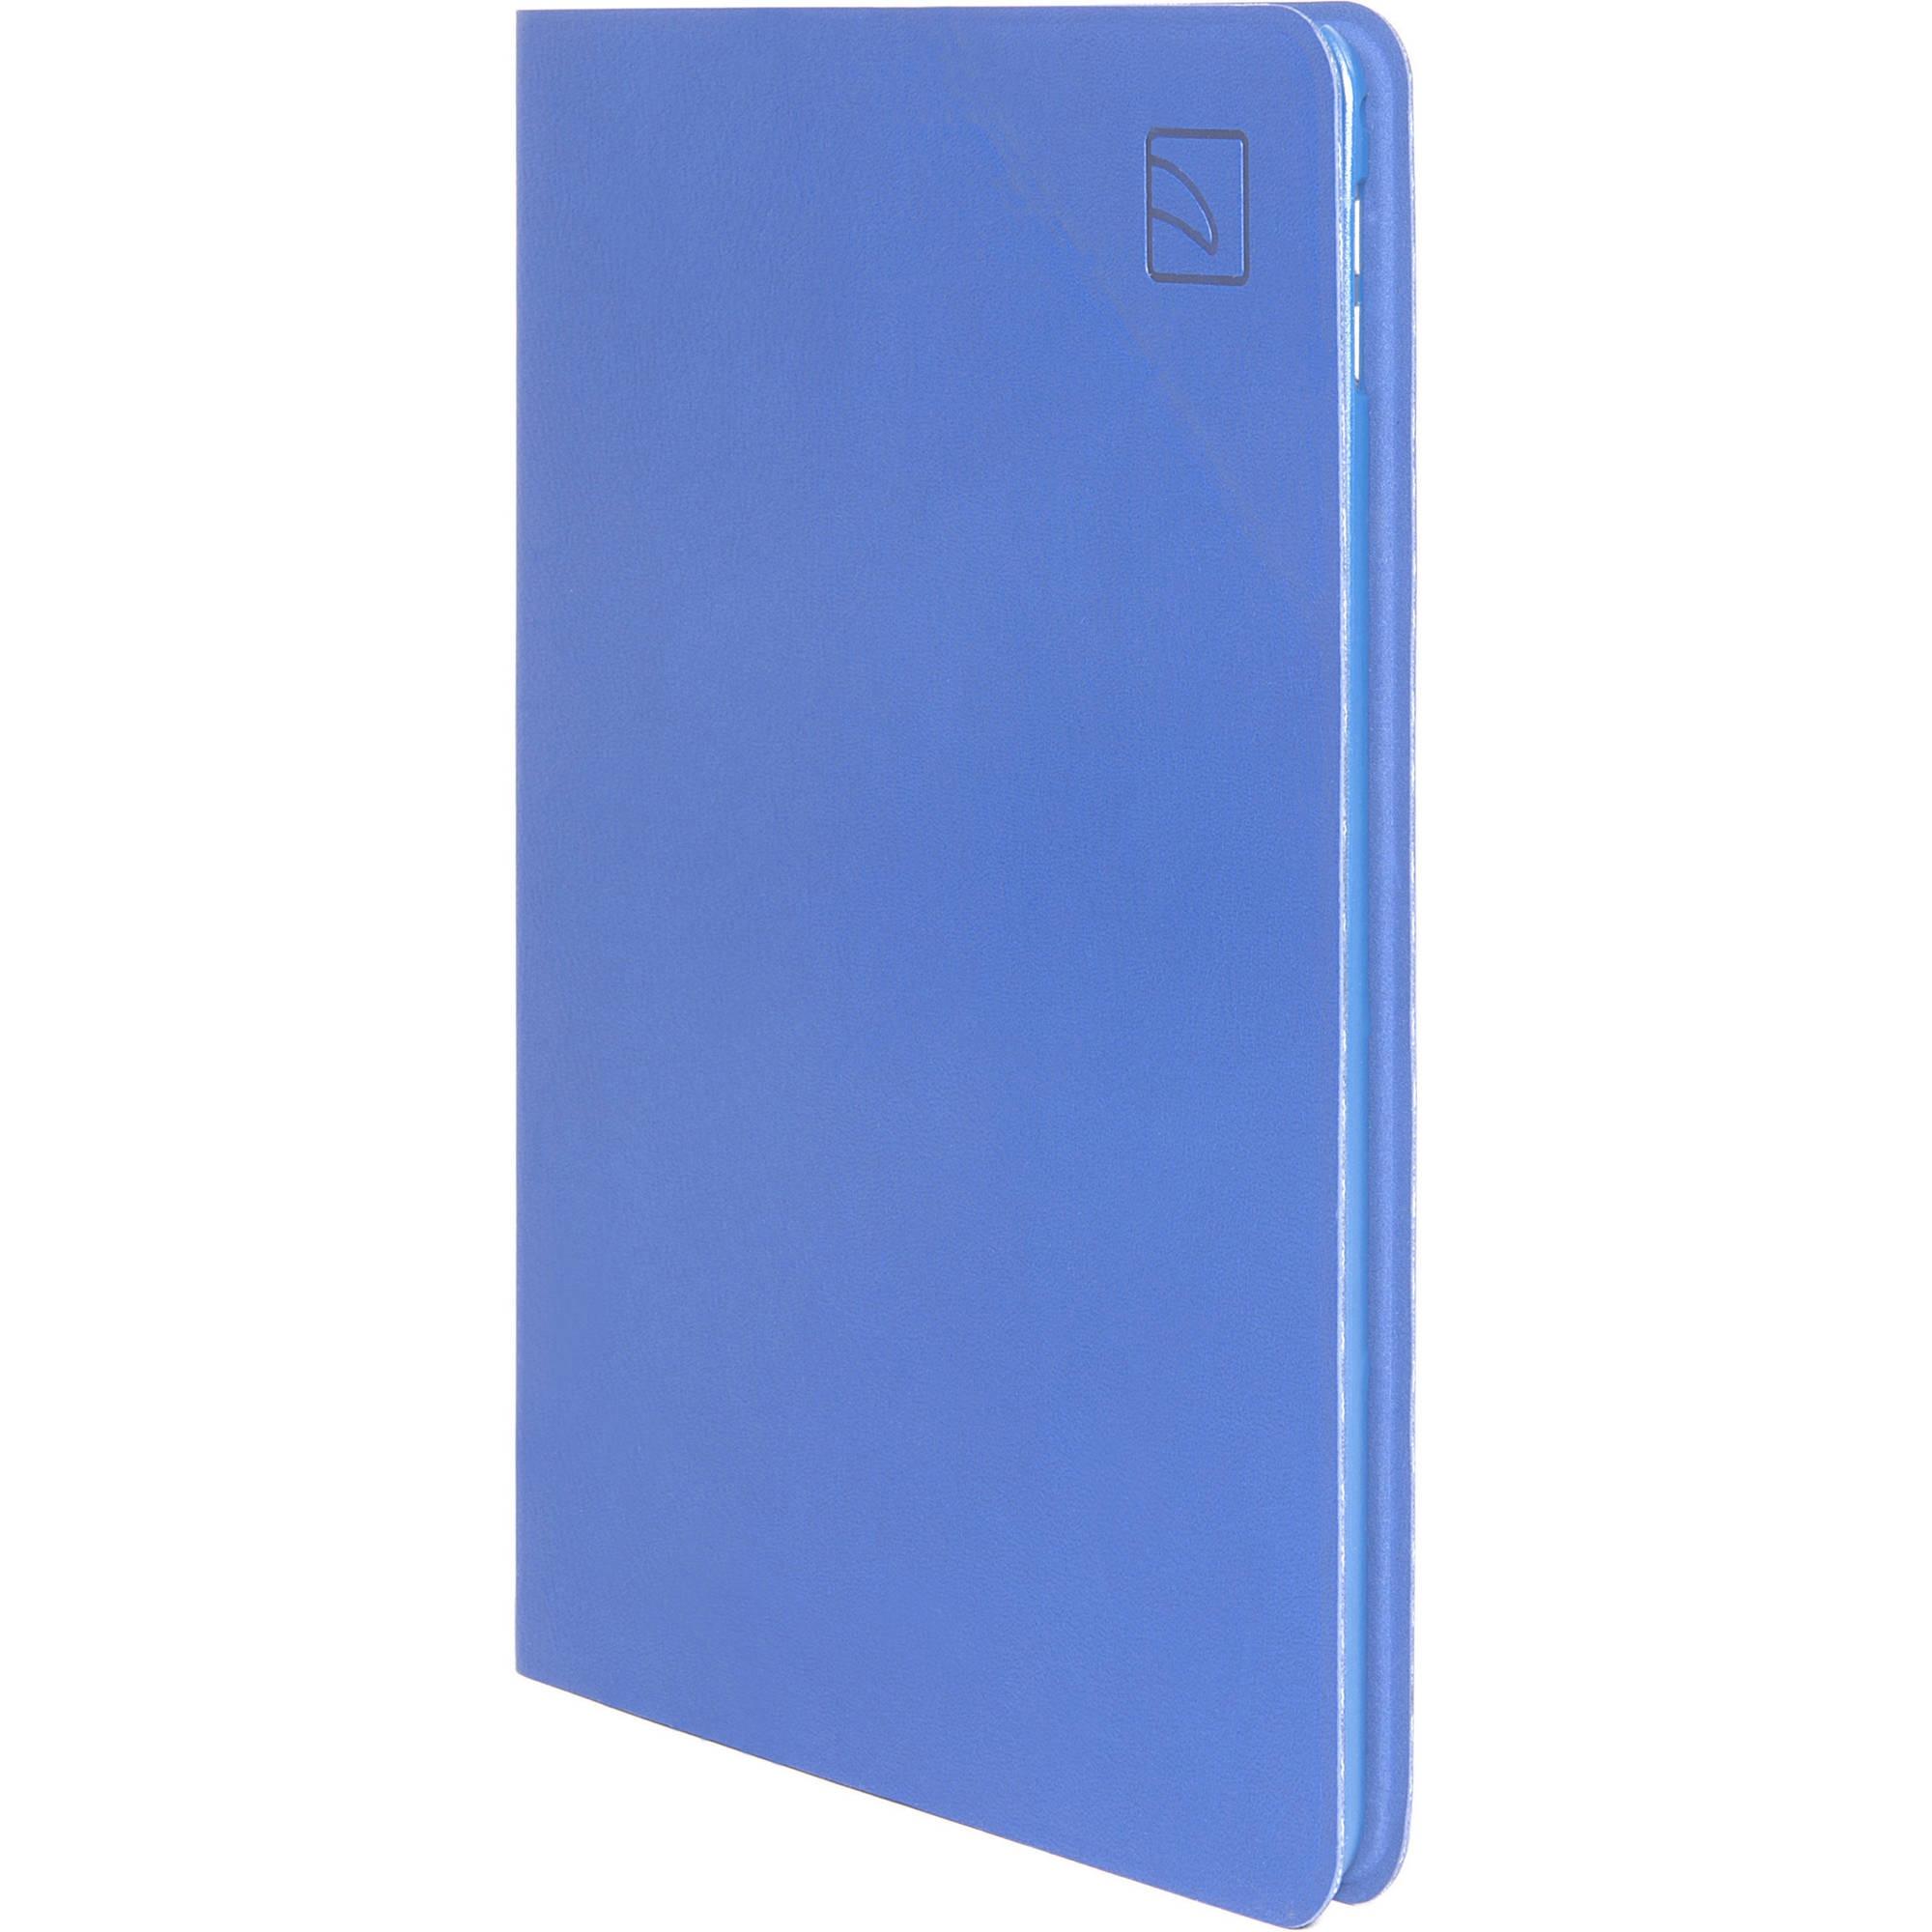 Fotografie Case/cover Tucano Angelo pentru iPad Pro 9.7, Albastru